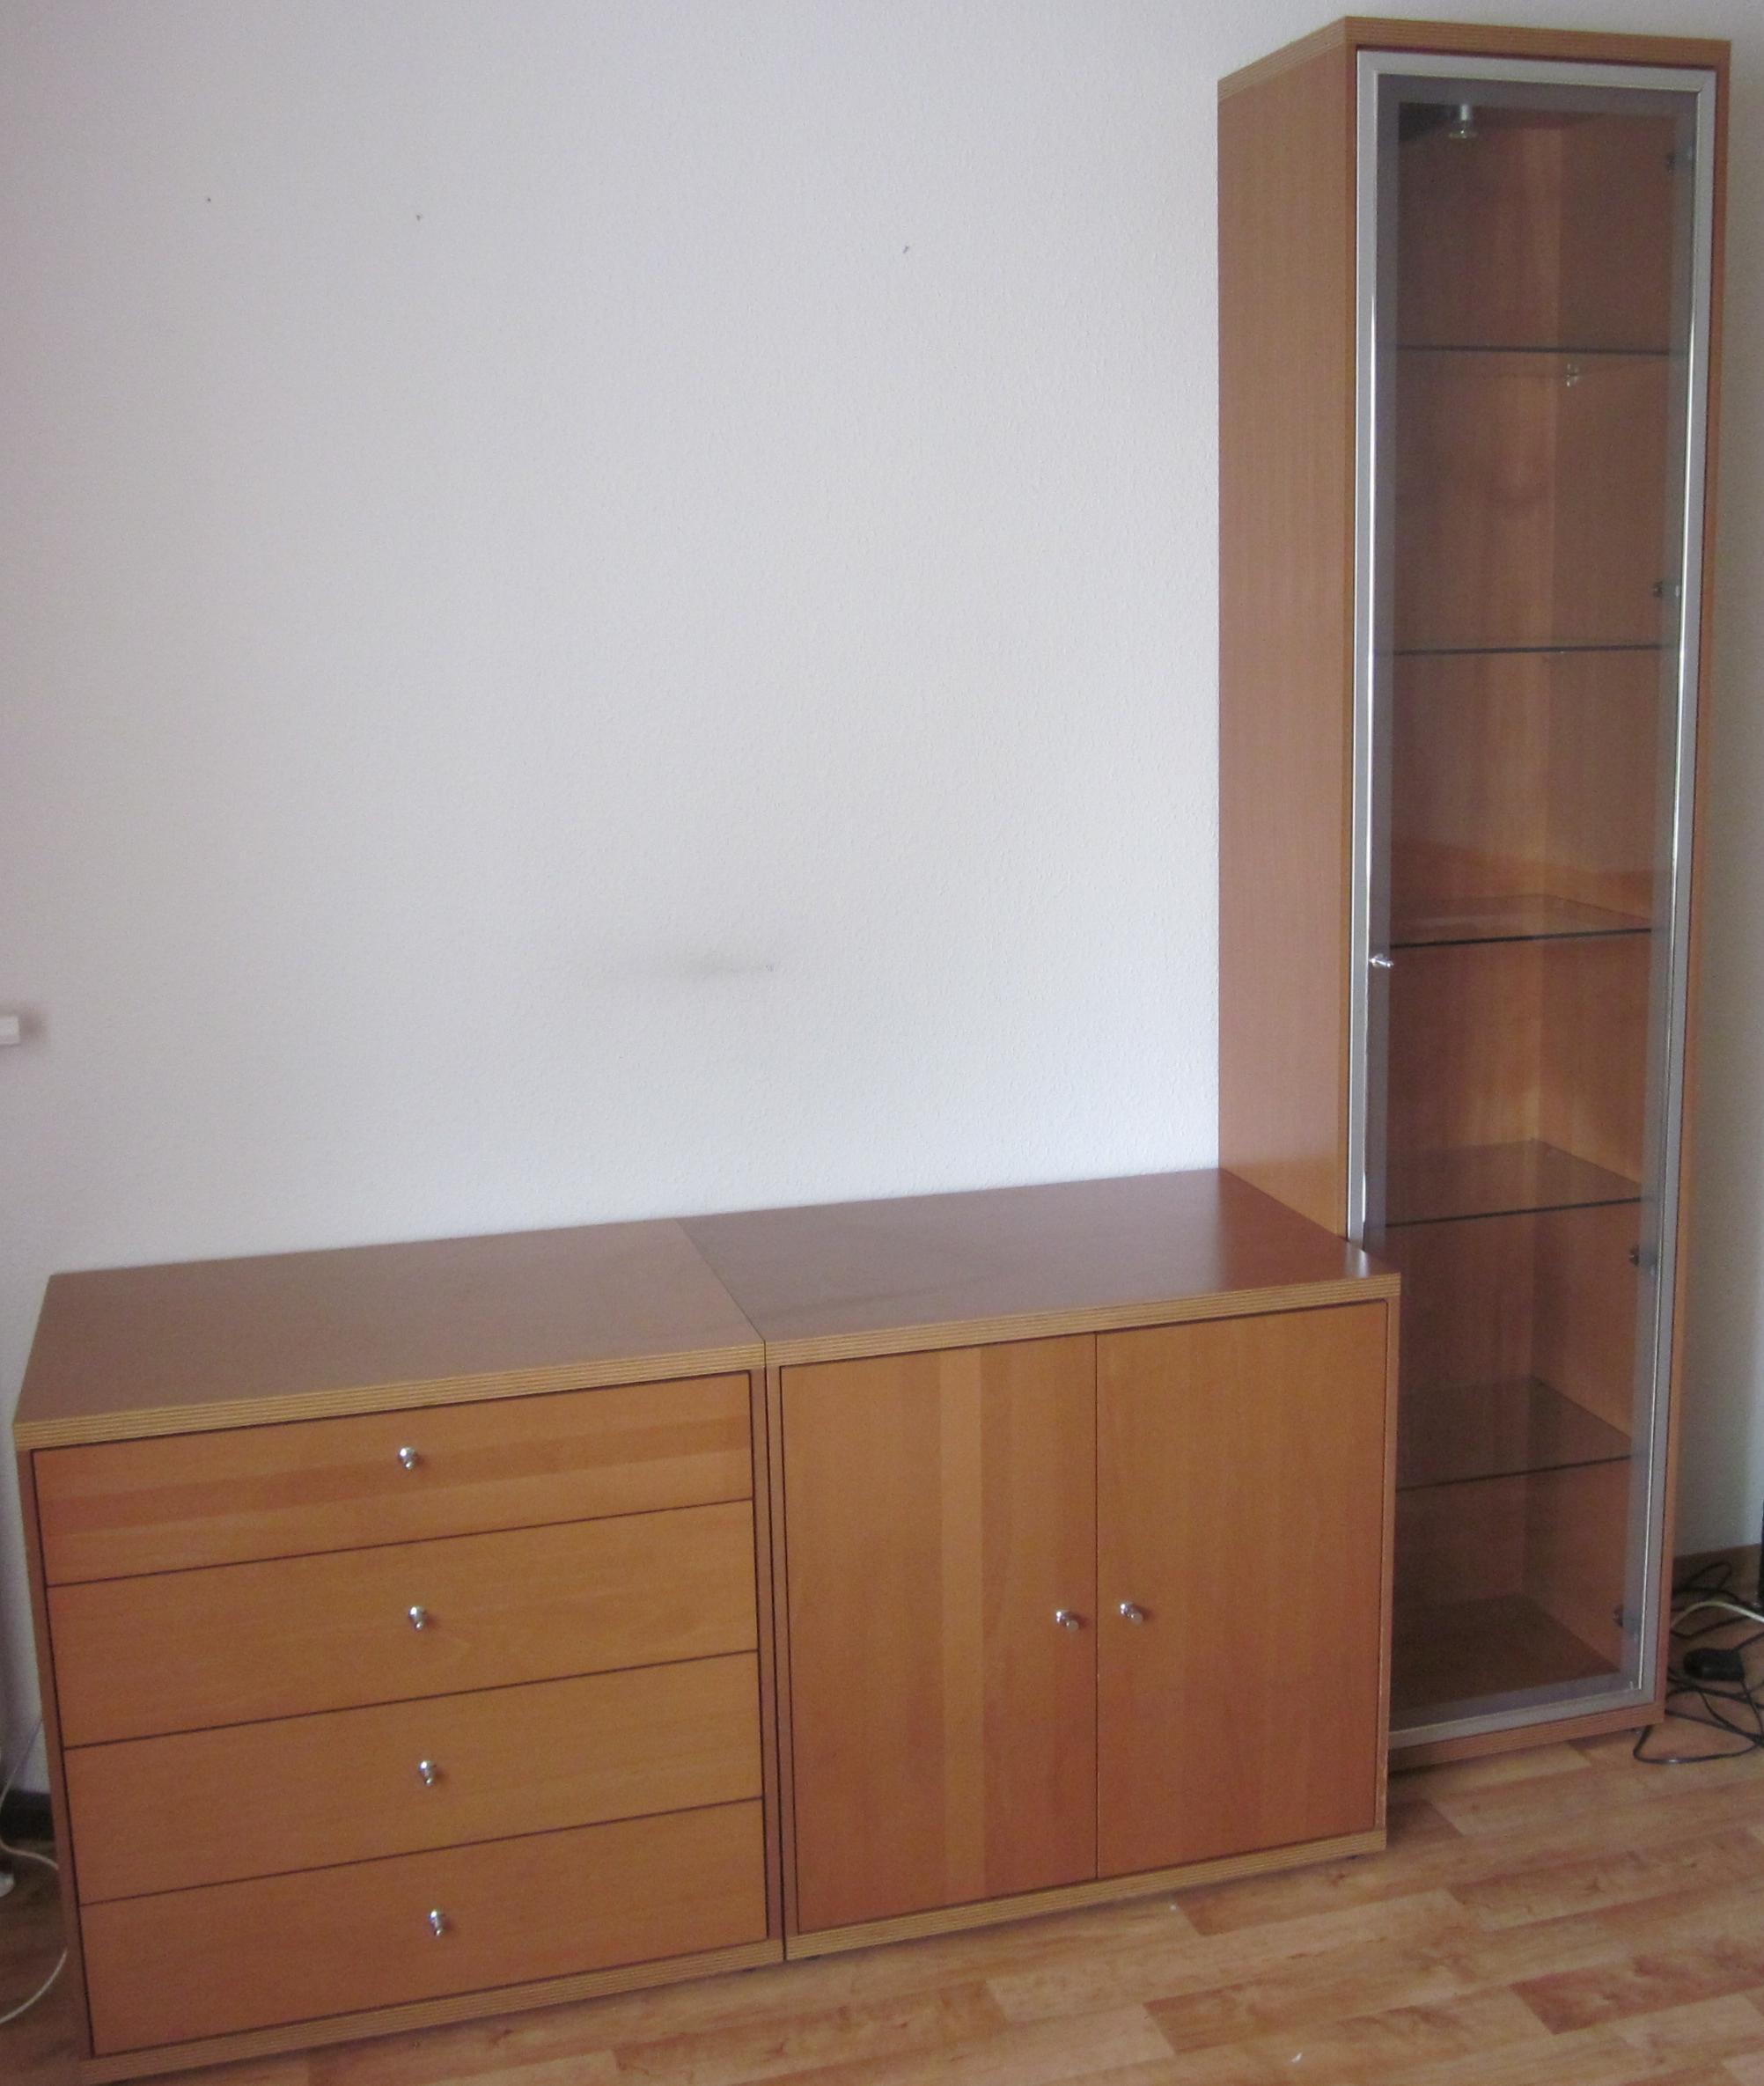 eckregal mit t ren eckregal mit t ren leiter und. Black Bedroom Furniture Sets. Home Design Ideas